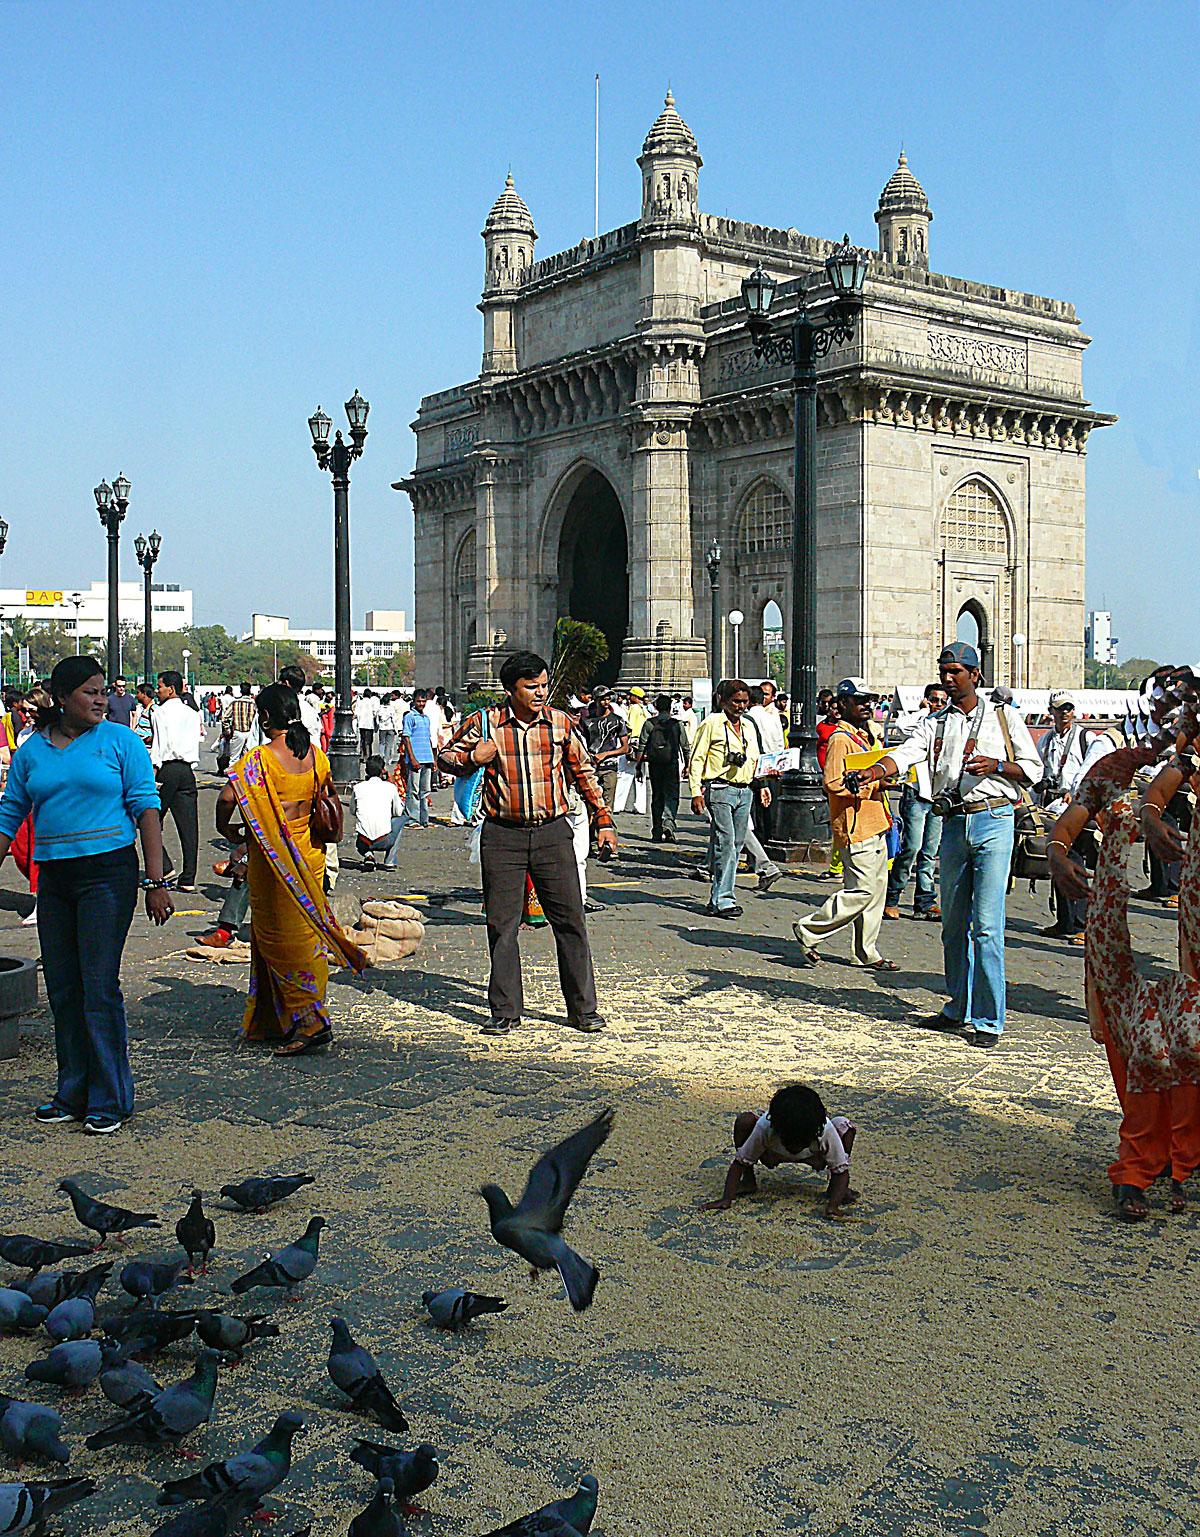 INDIEN MUMBAI Menschen Wohnen FINEST-onTour P1030528.jpg